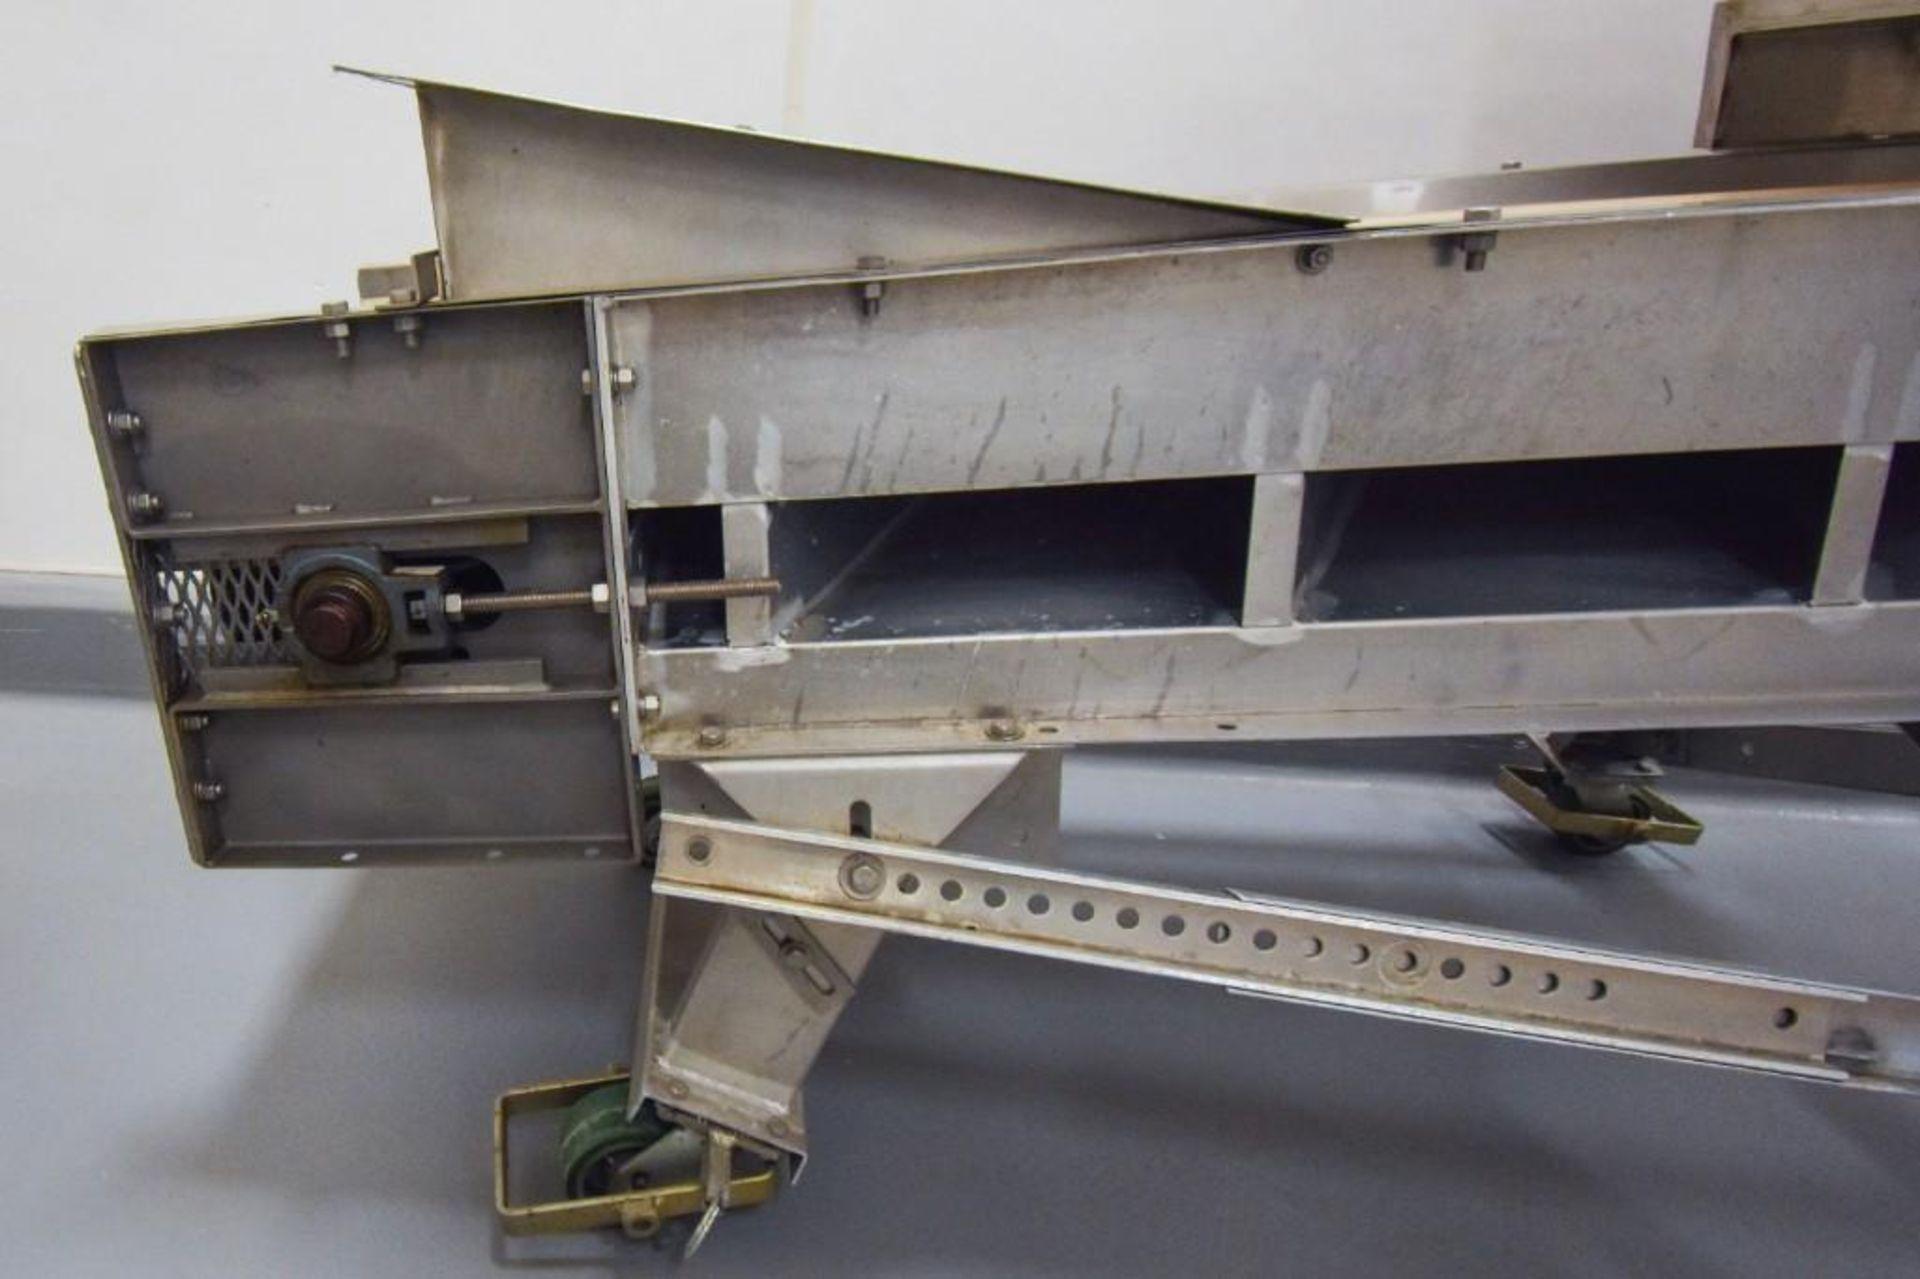 Conveyor - Image 9 of 9